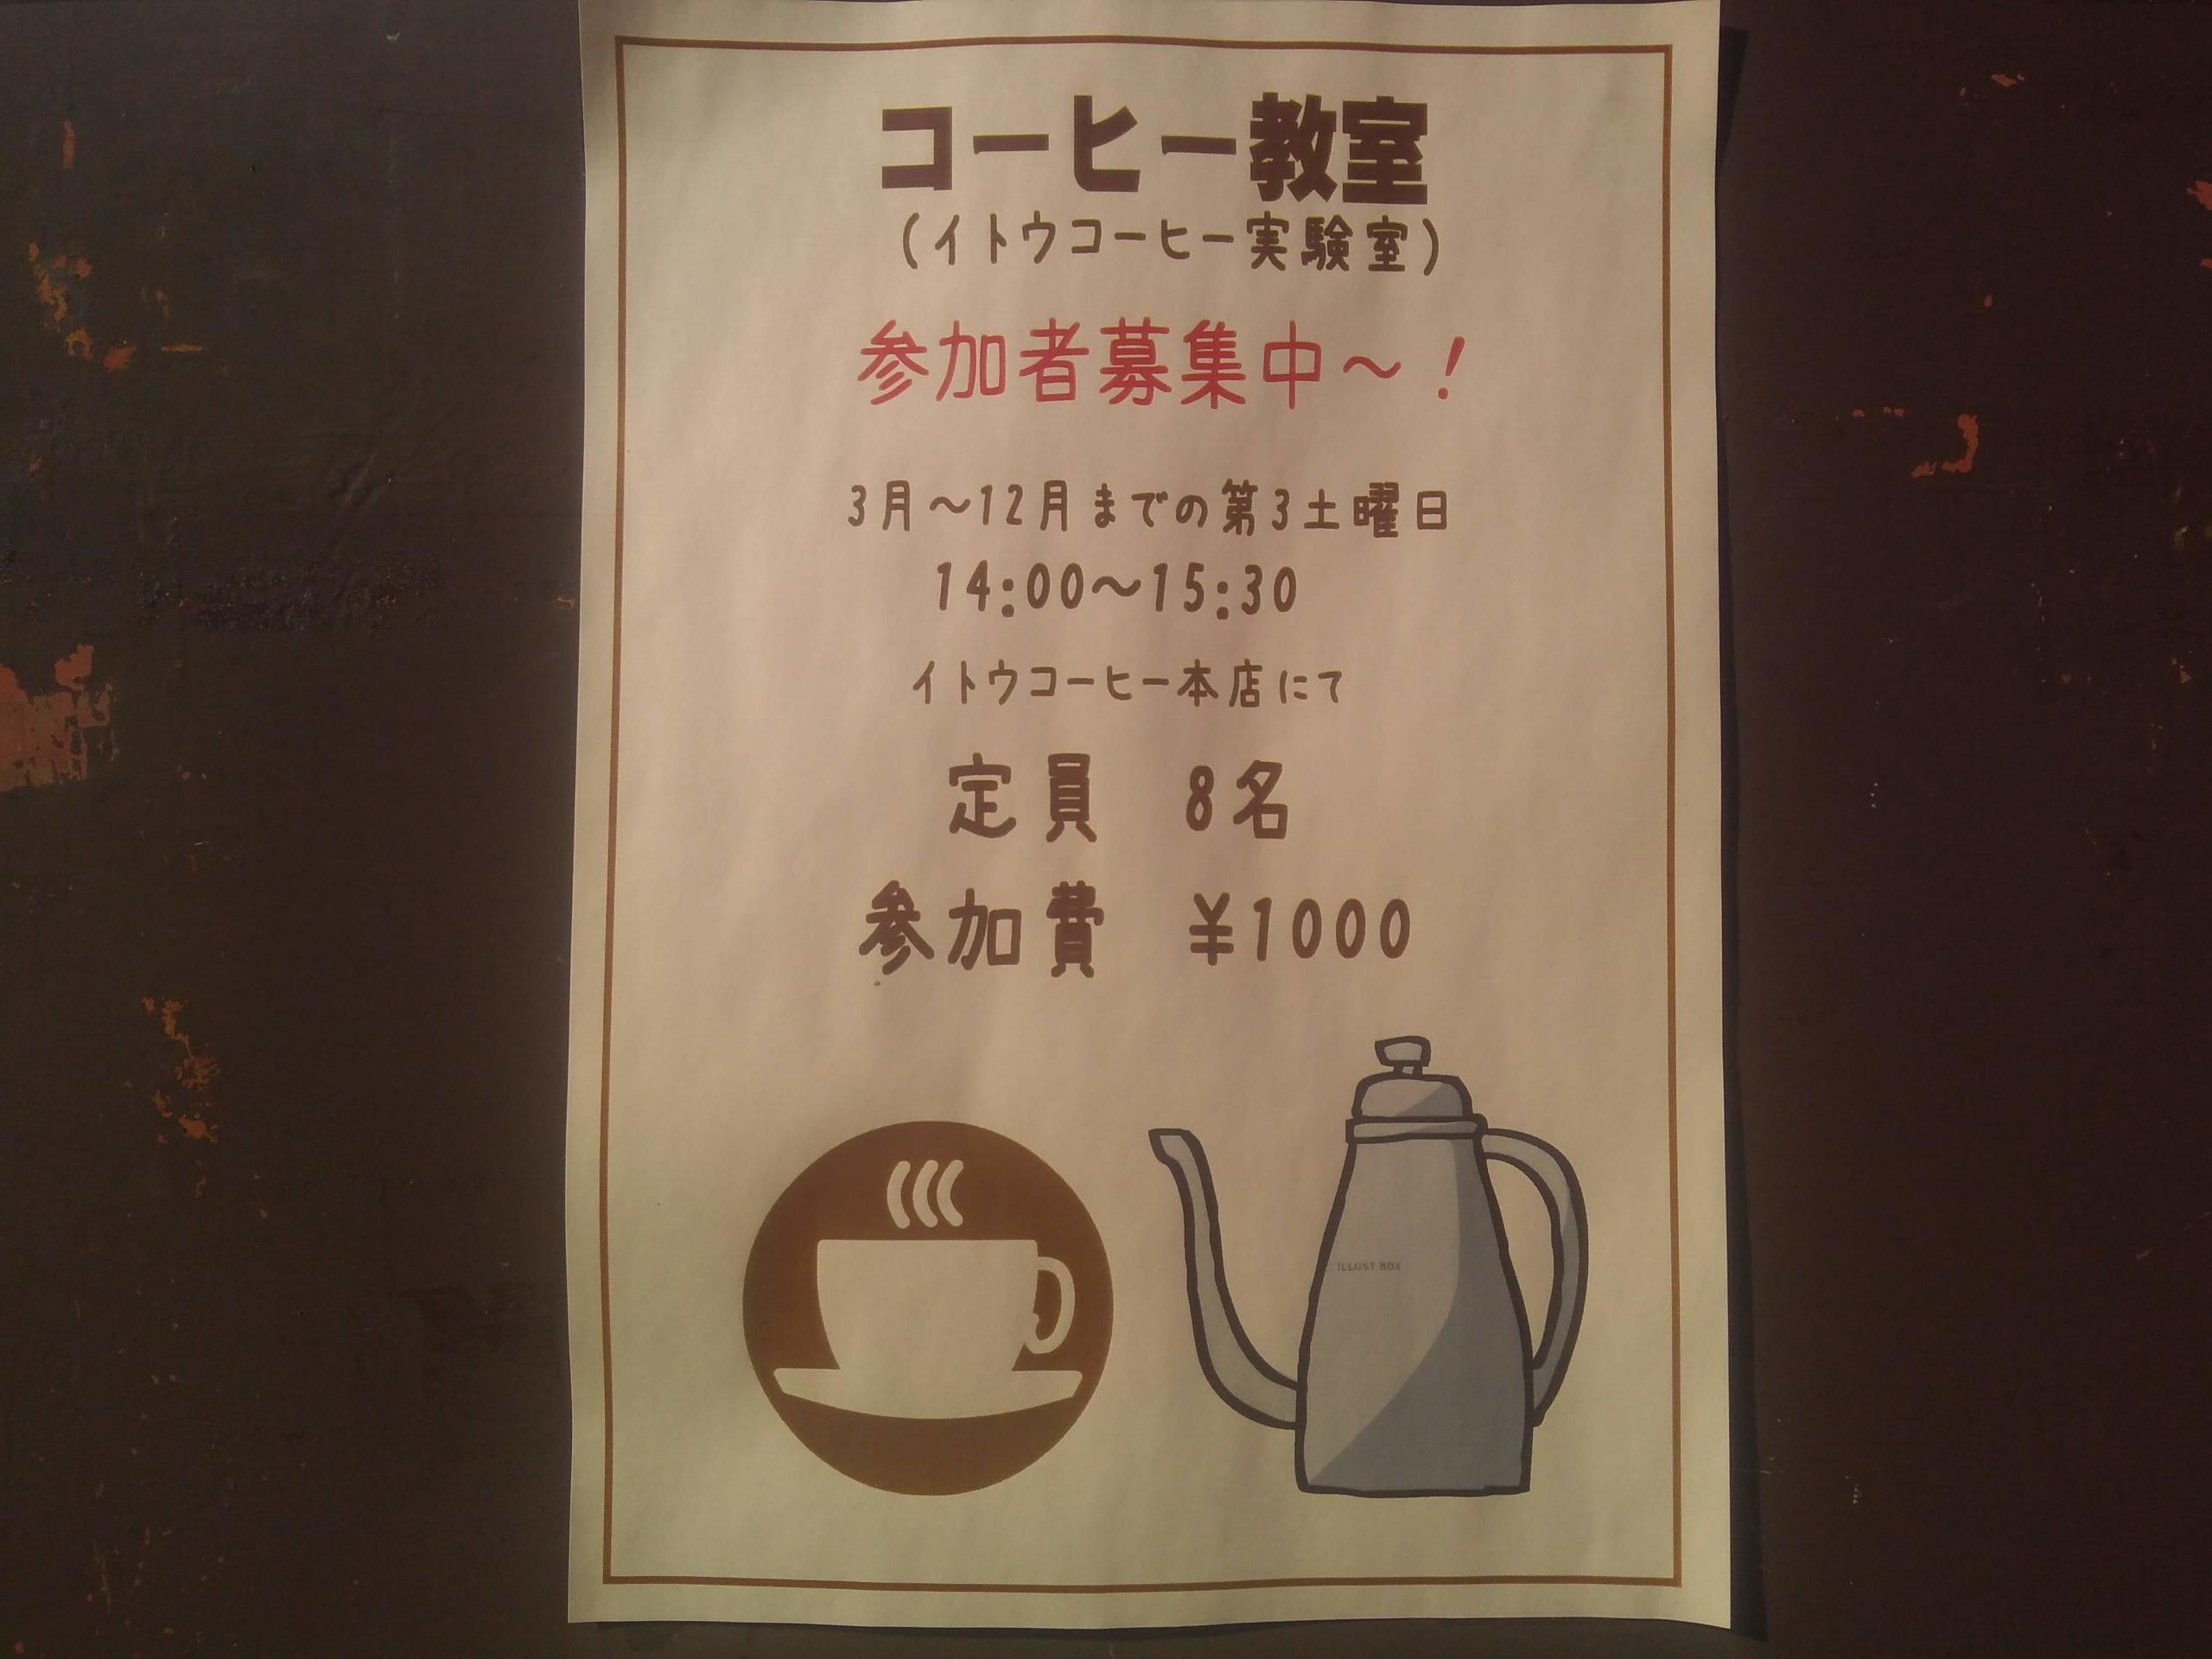 コーヒーセミナー名古屋